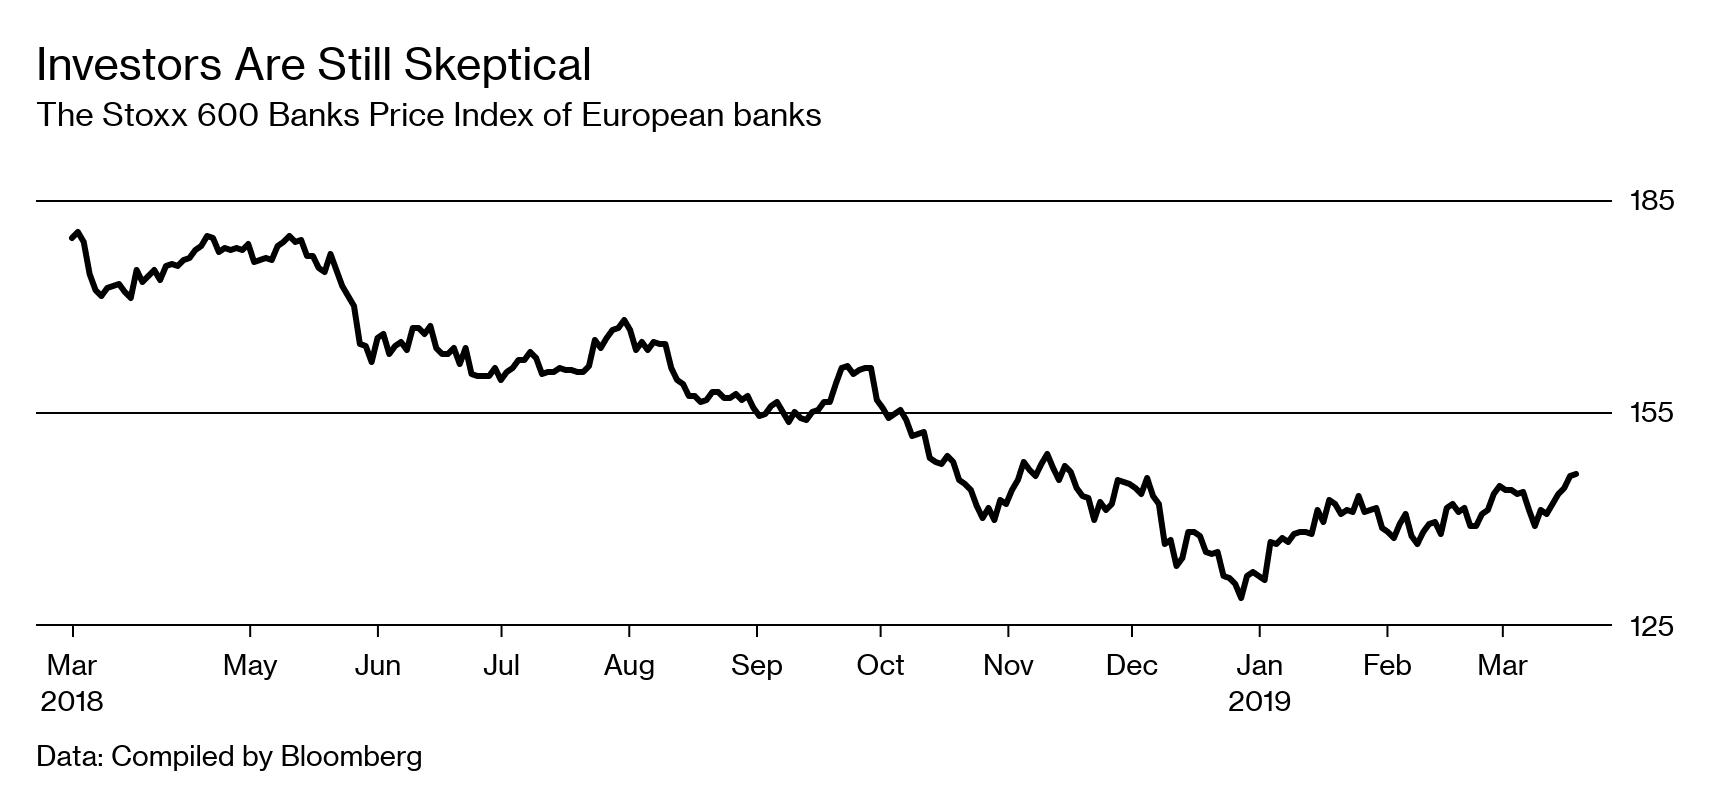 Deutsche Bank-Commerzbank Merger Shows Grim Outlook for EU Banks